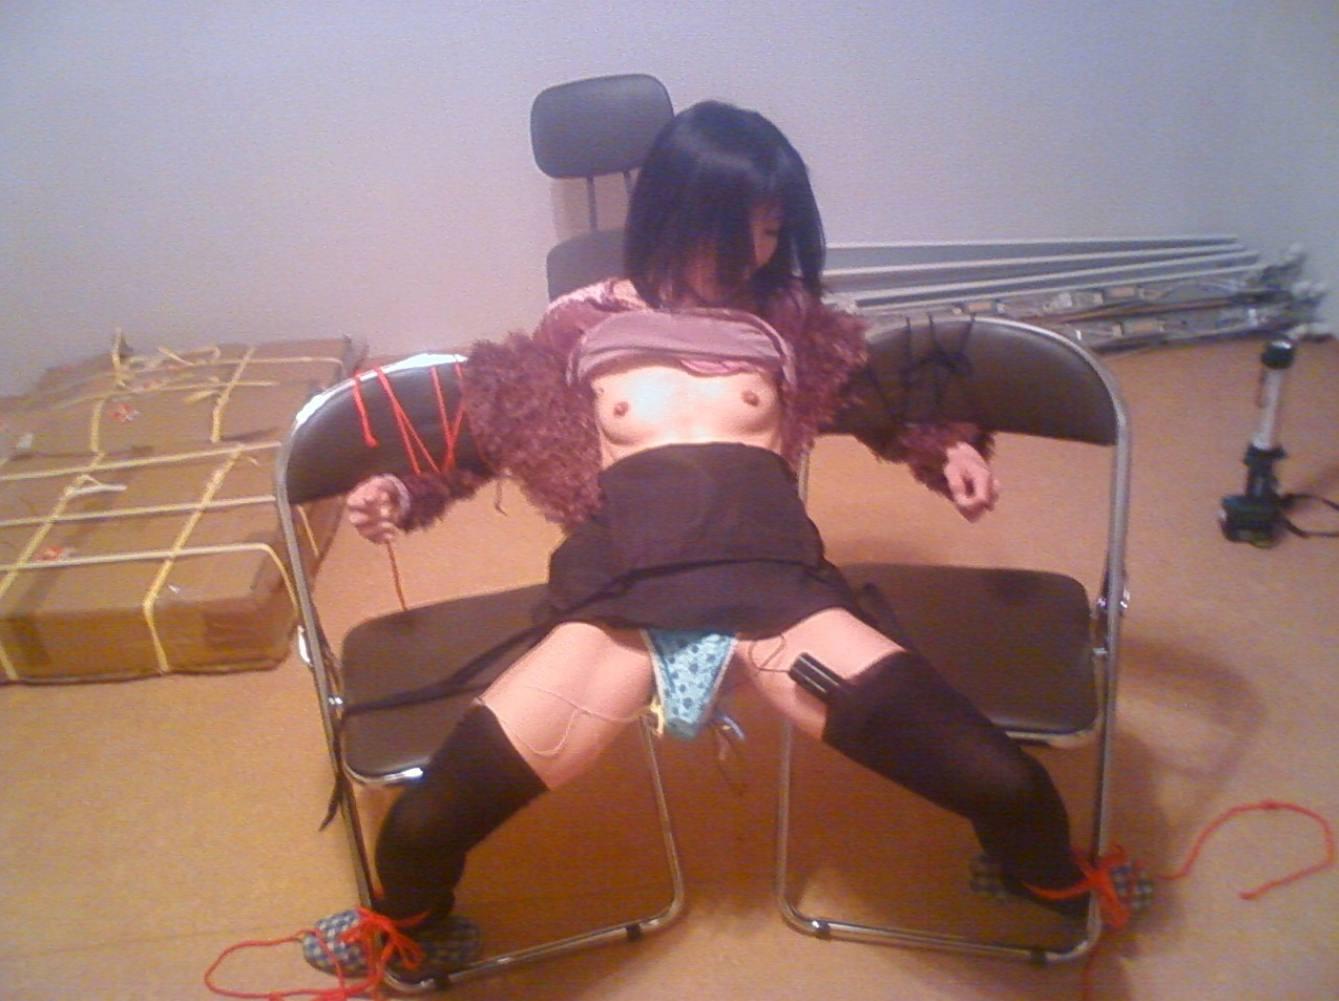 社内恋愛で付き合った彼女と会社でセックスしちまったーwww激ヤバ画像アップするぞぉーwww 0879